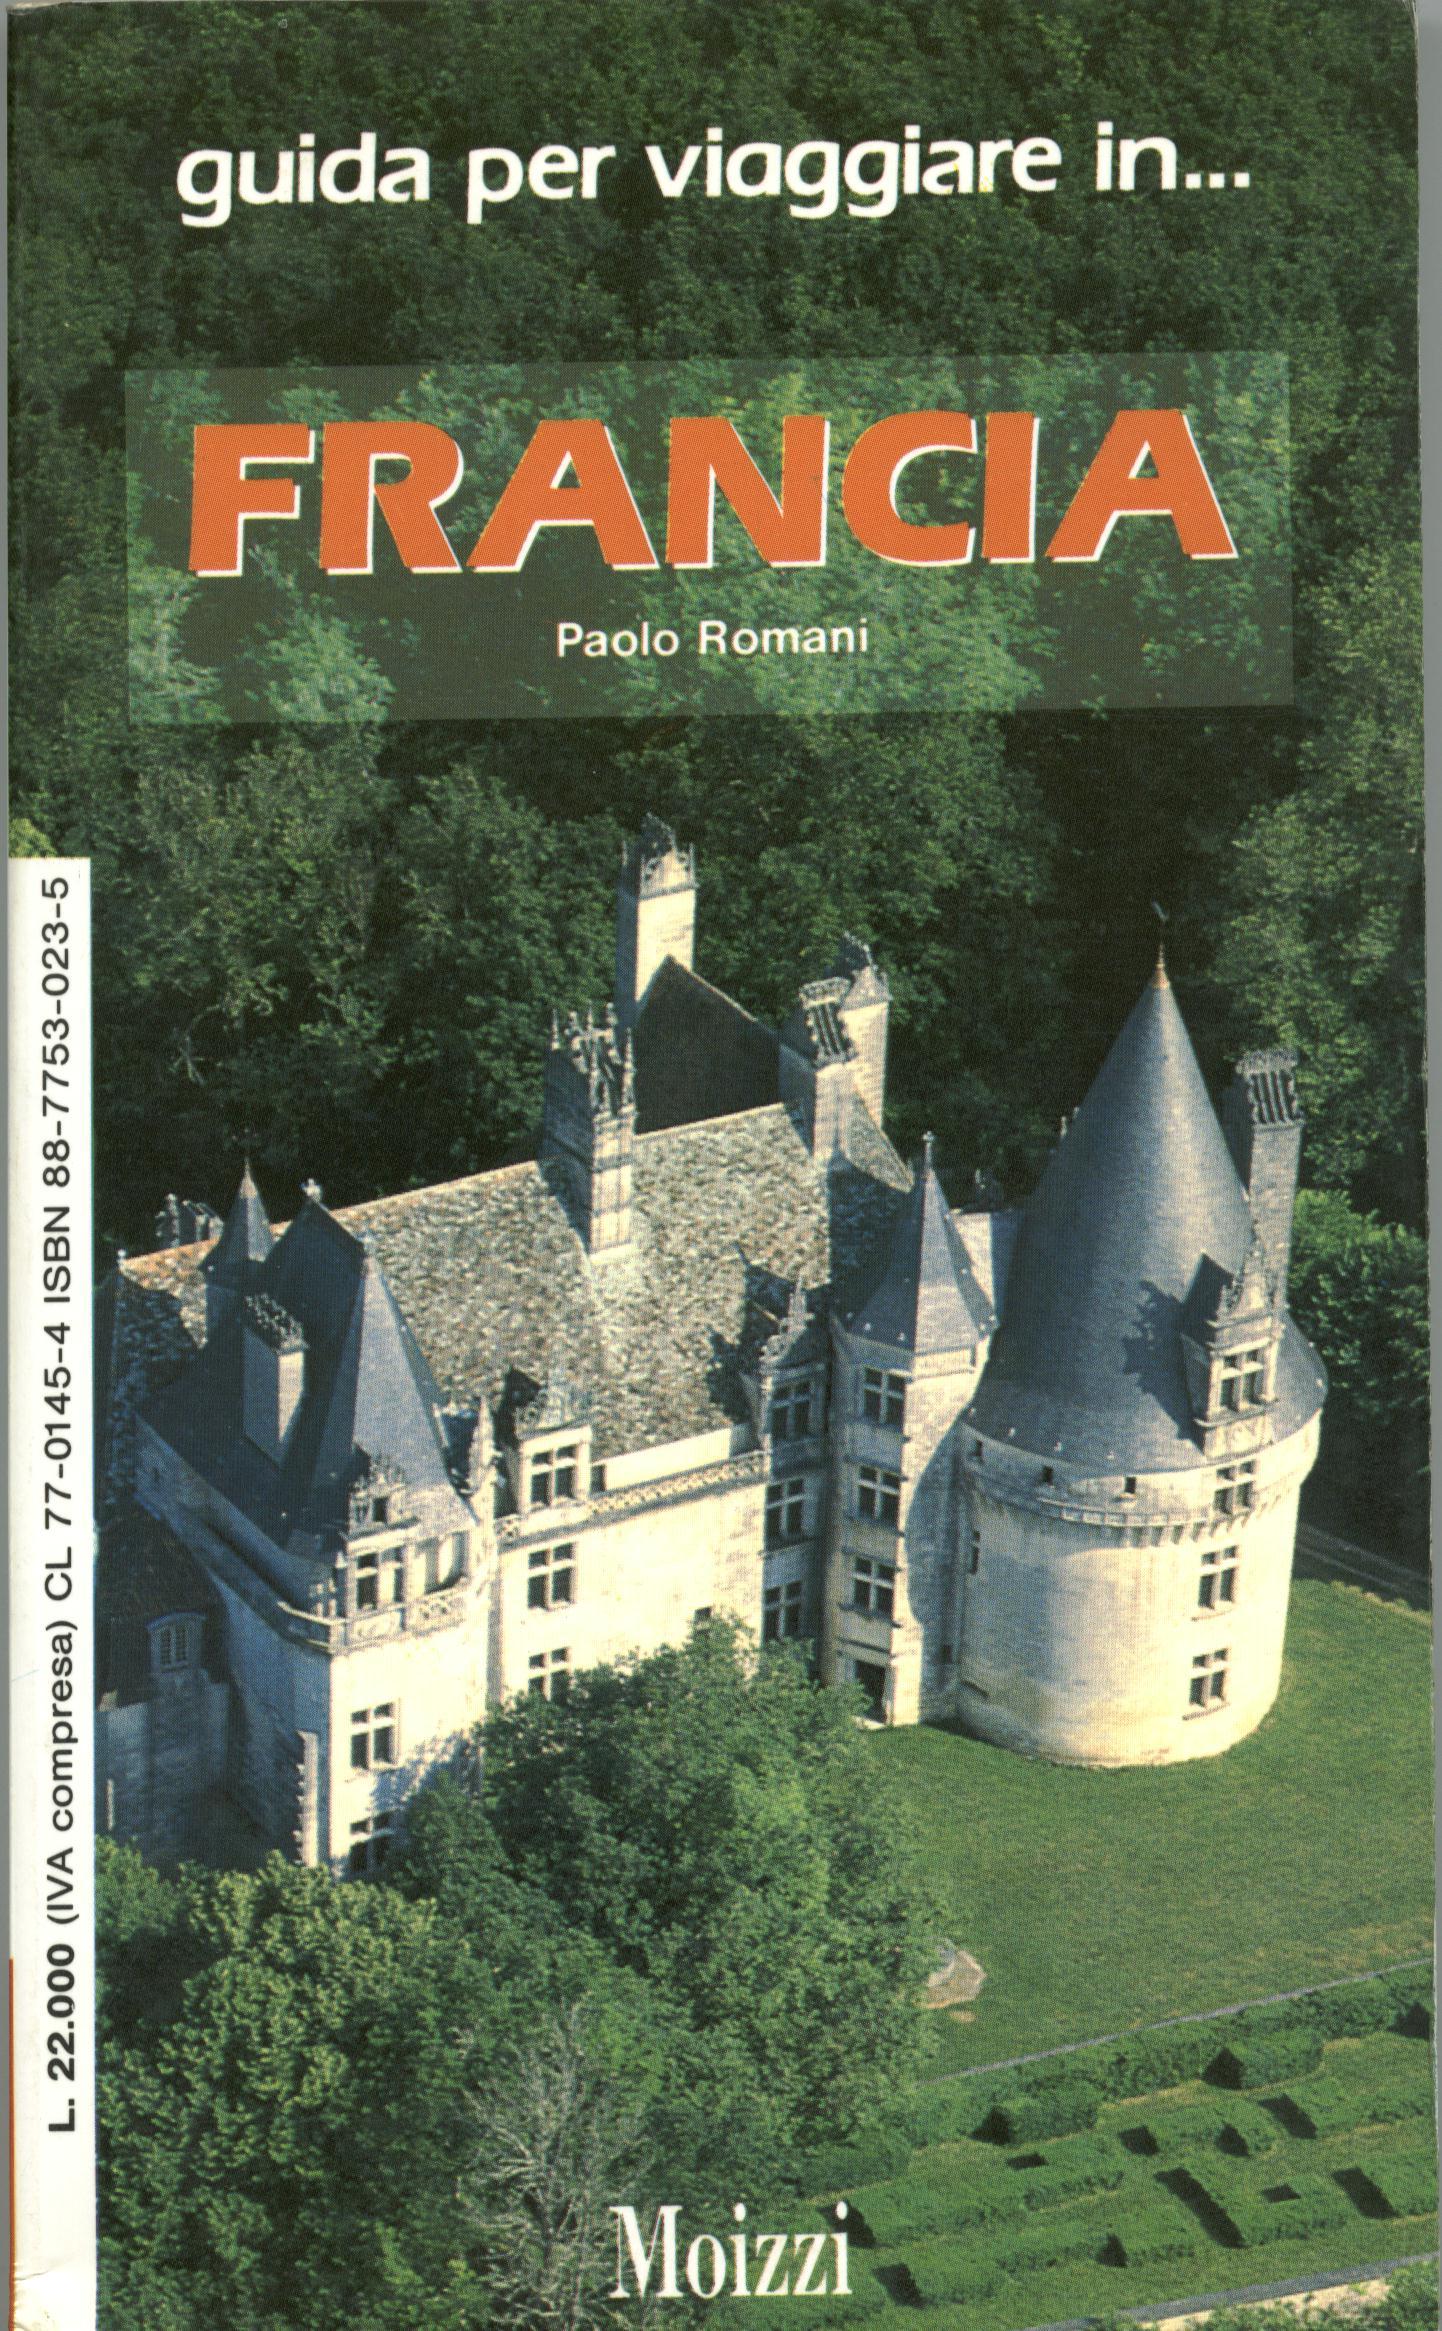 Guida per viaggiare in...Francia